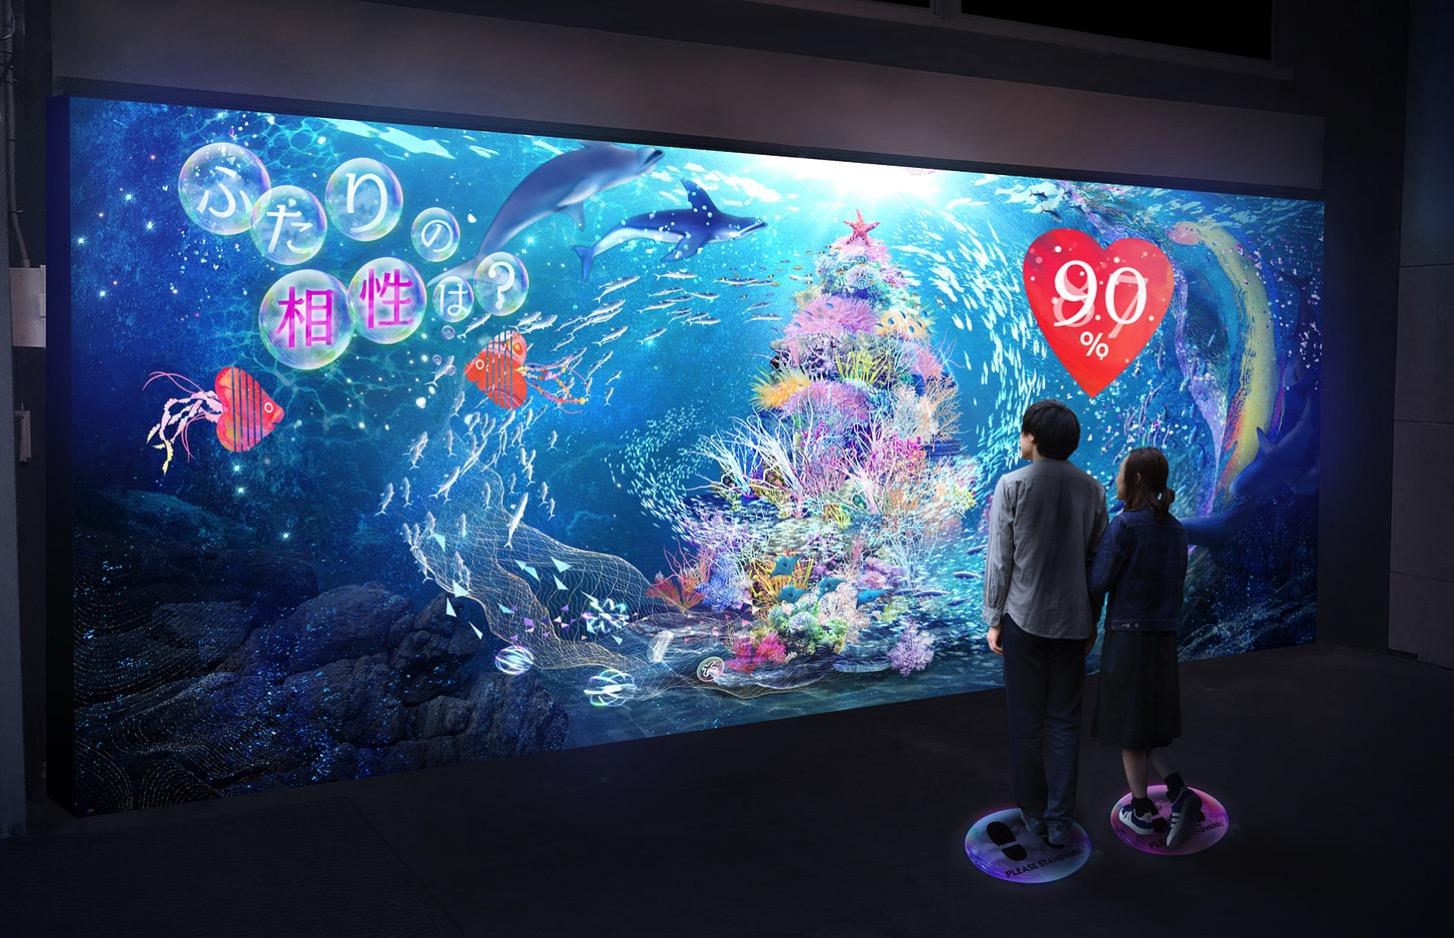 横浜駅のアソビル「オーシャン バイ ネイキッド 光の深海展」でクリスマスを彩る限定演出